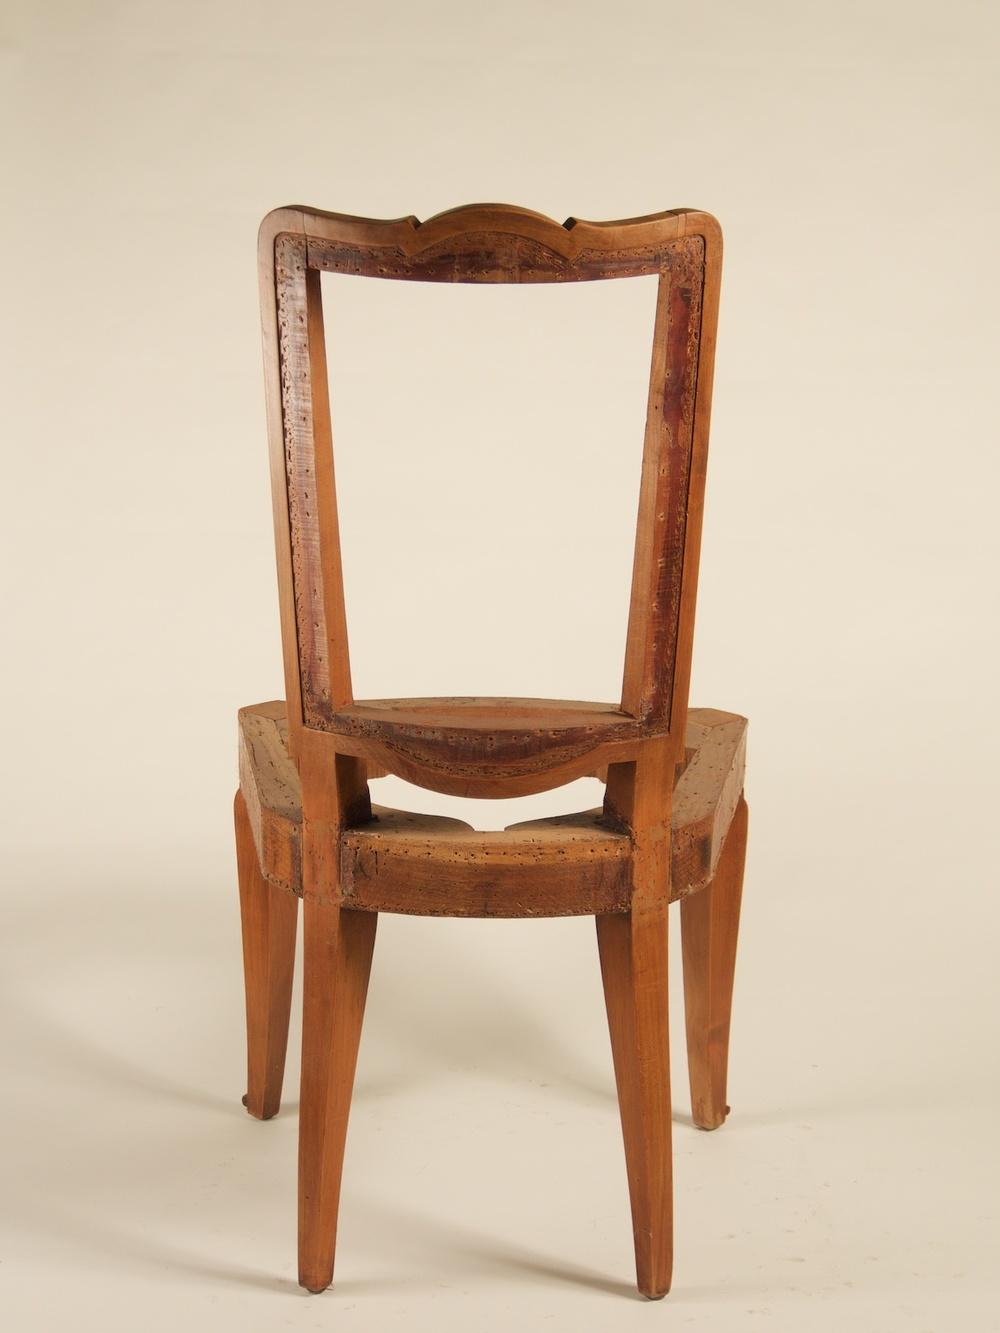 Andre+Arbus+cherry+chairs+1458.jpg